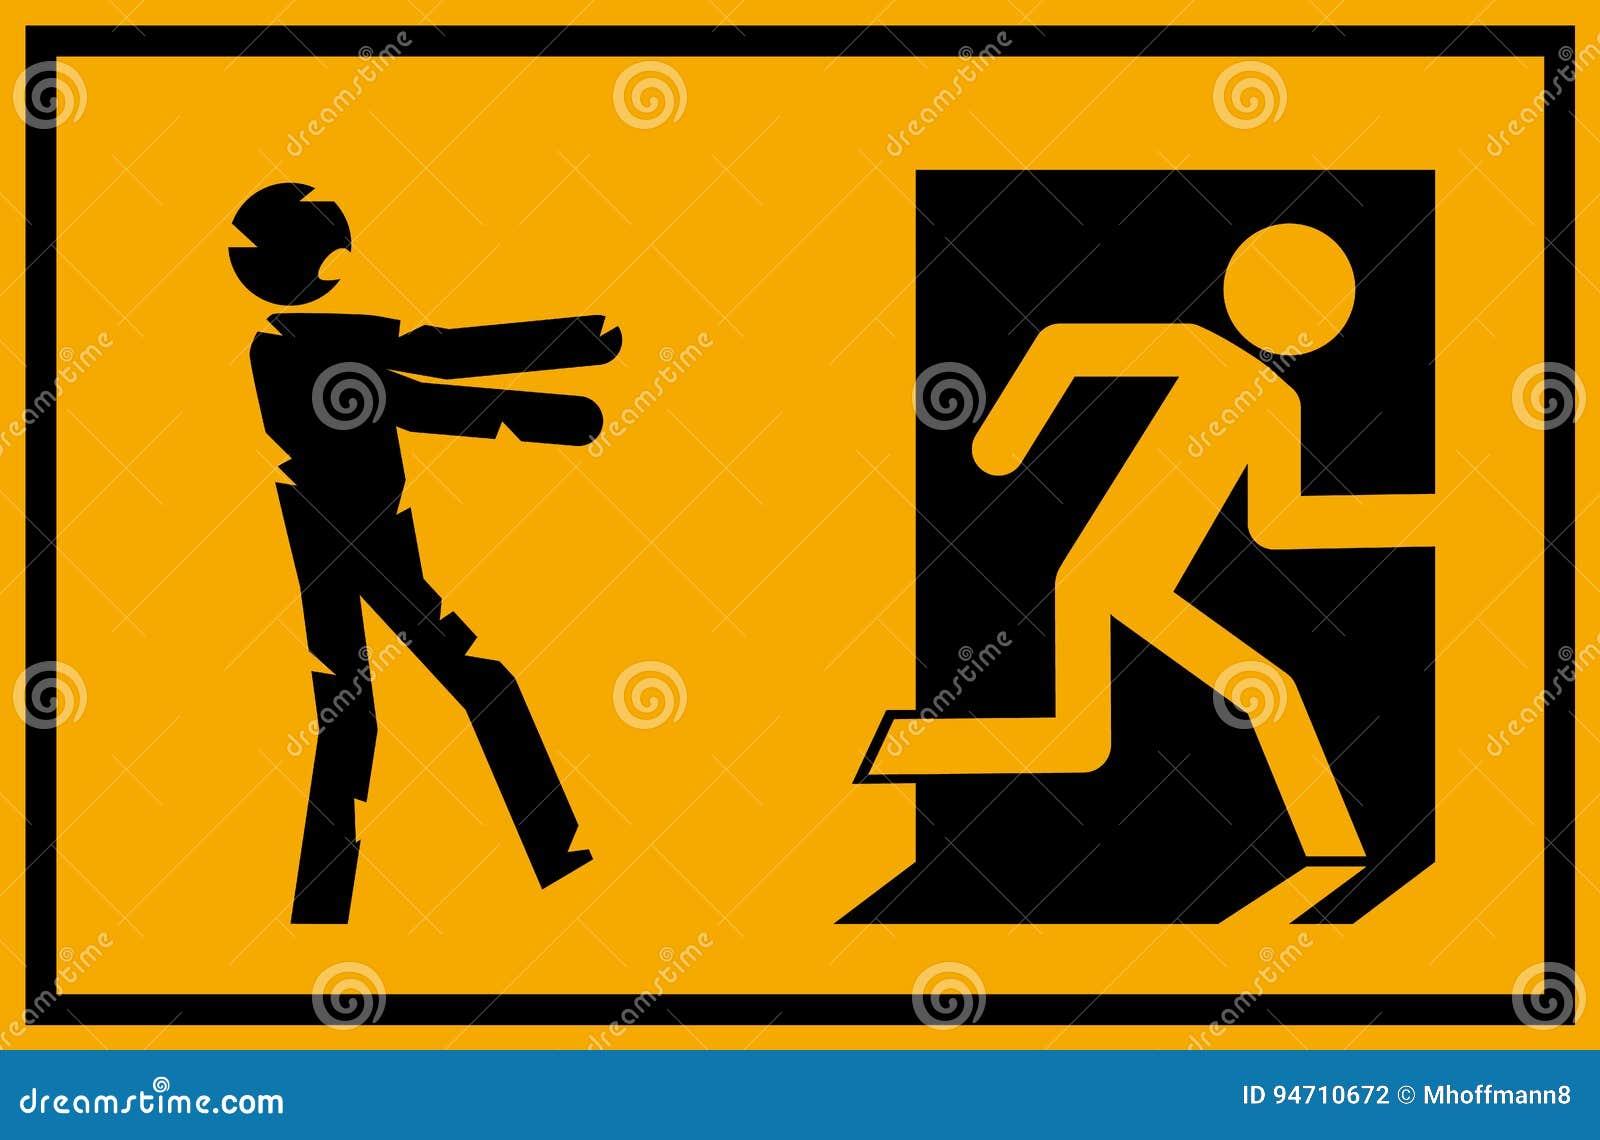 Wektorowa ilustracja - żywego trupu wyjścia ewakuacyjnego znak z kij postaci sylwetki undead goni osoby próbuje uciekać